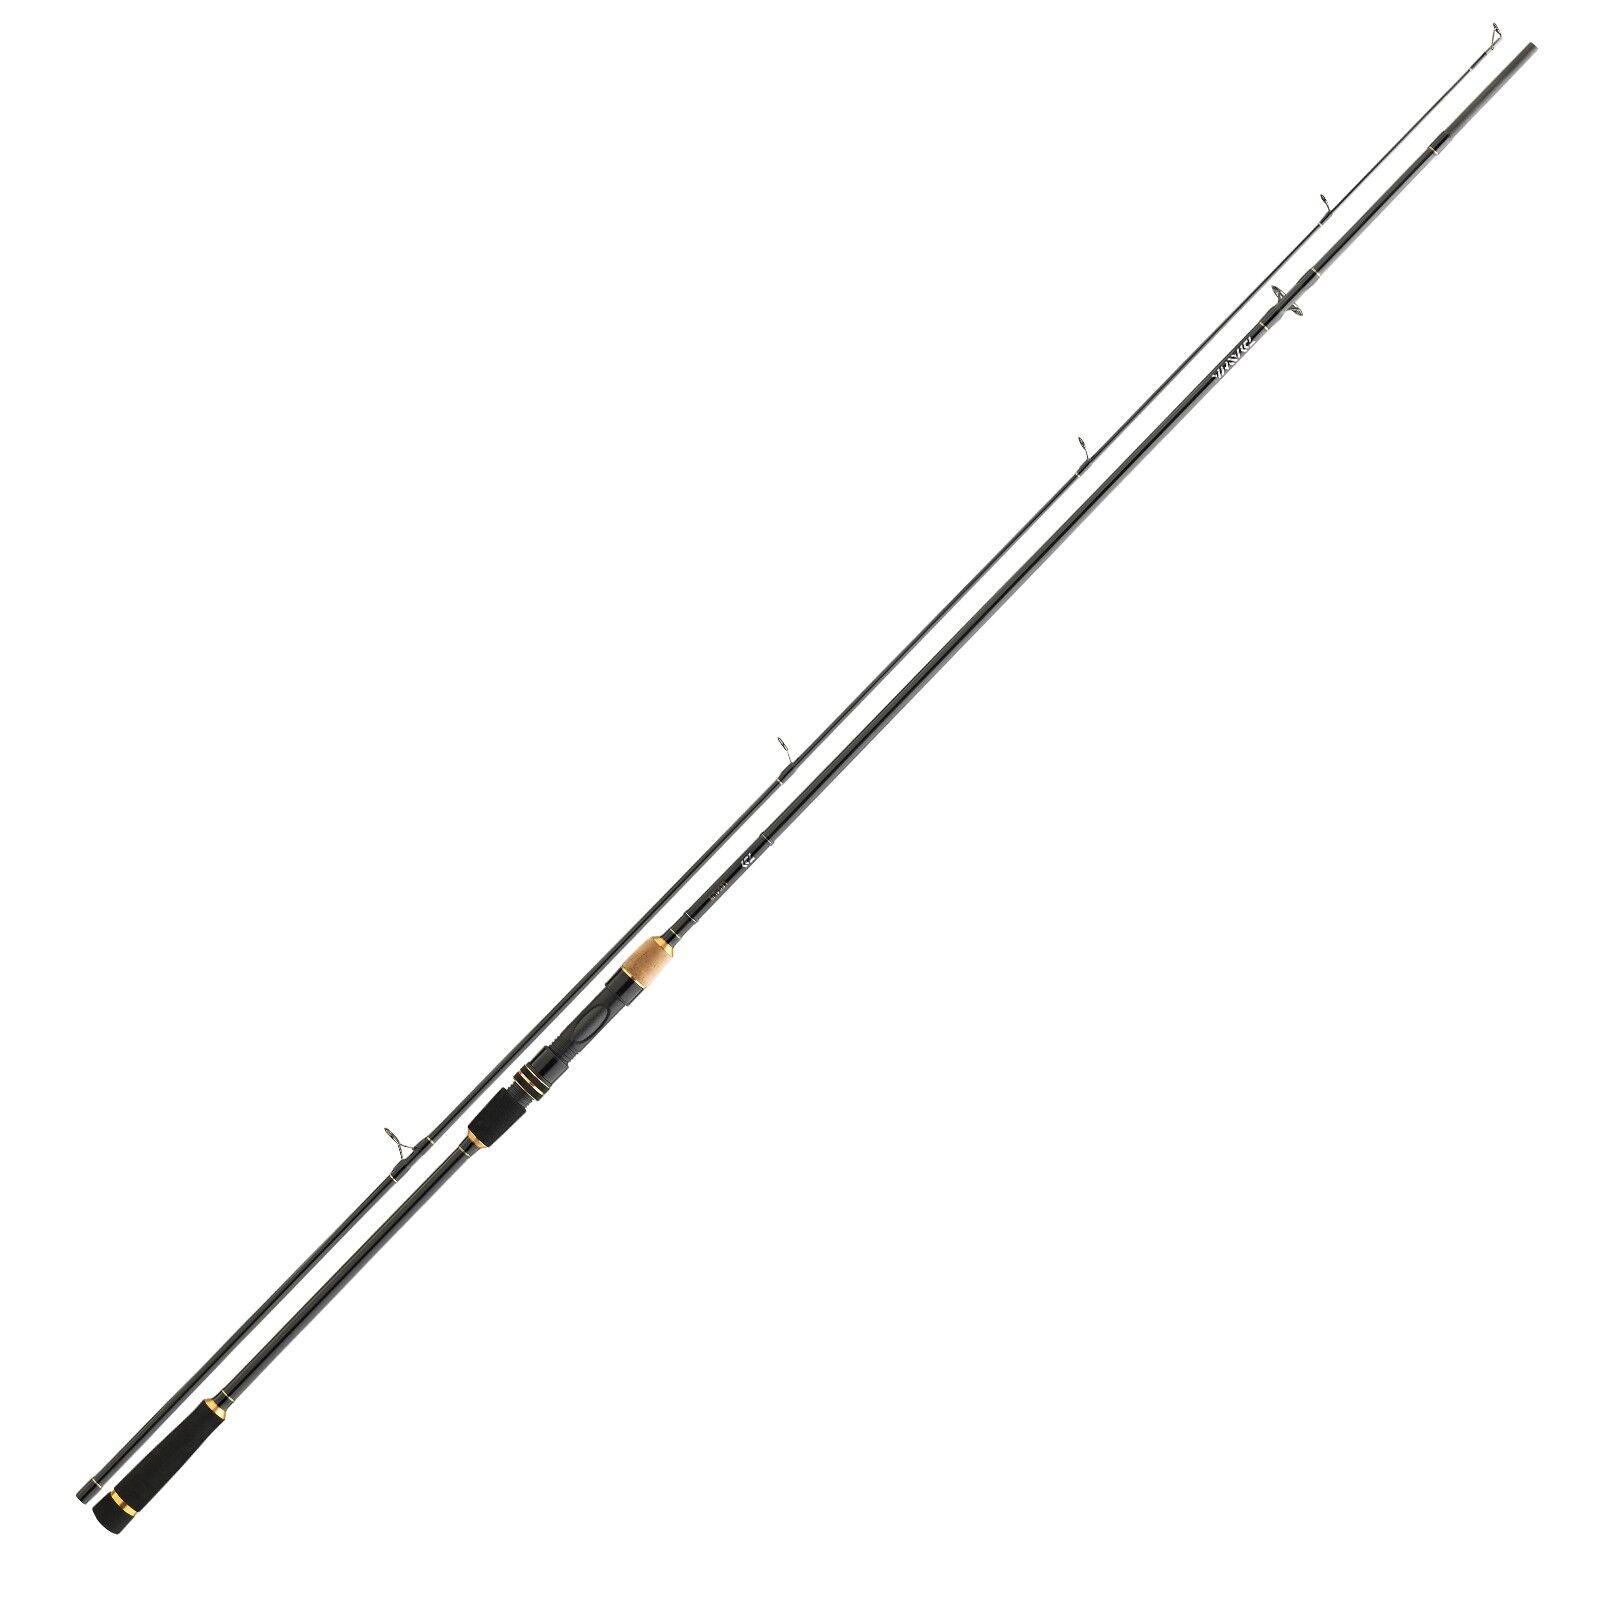 Daiwa caña de pescar-legalis Allround 3,00m 40-120g